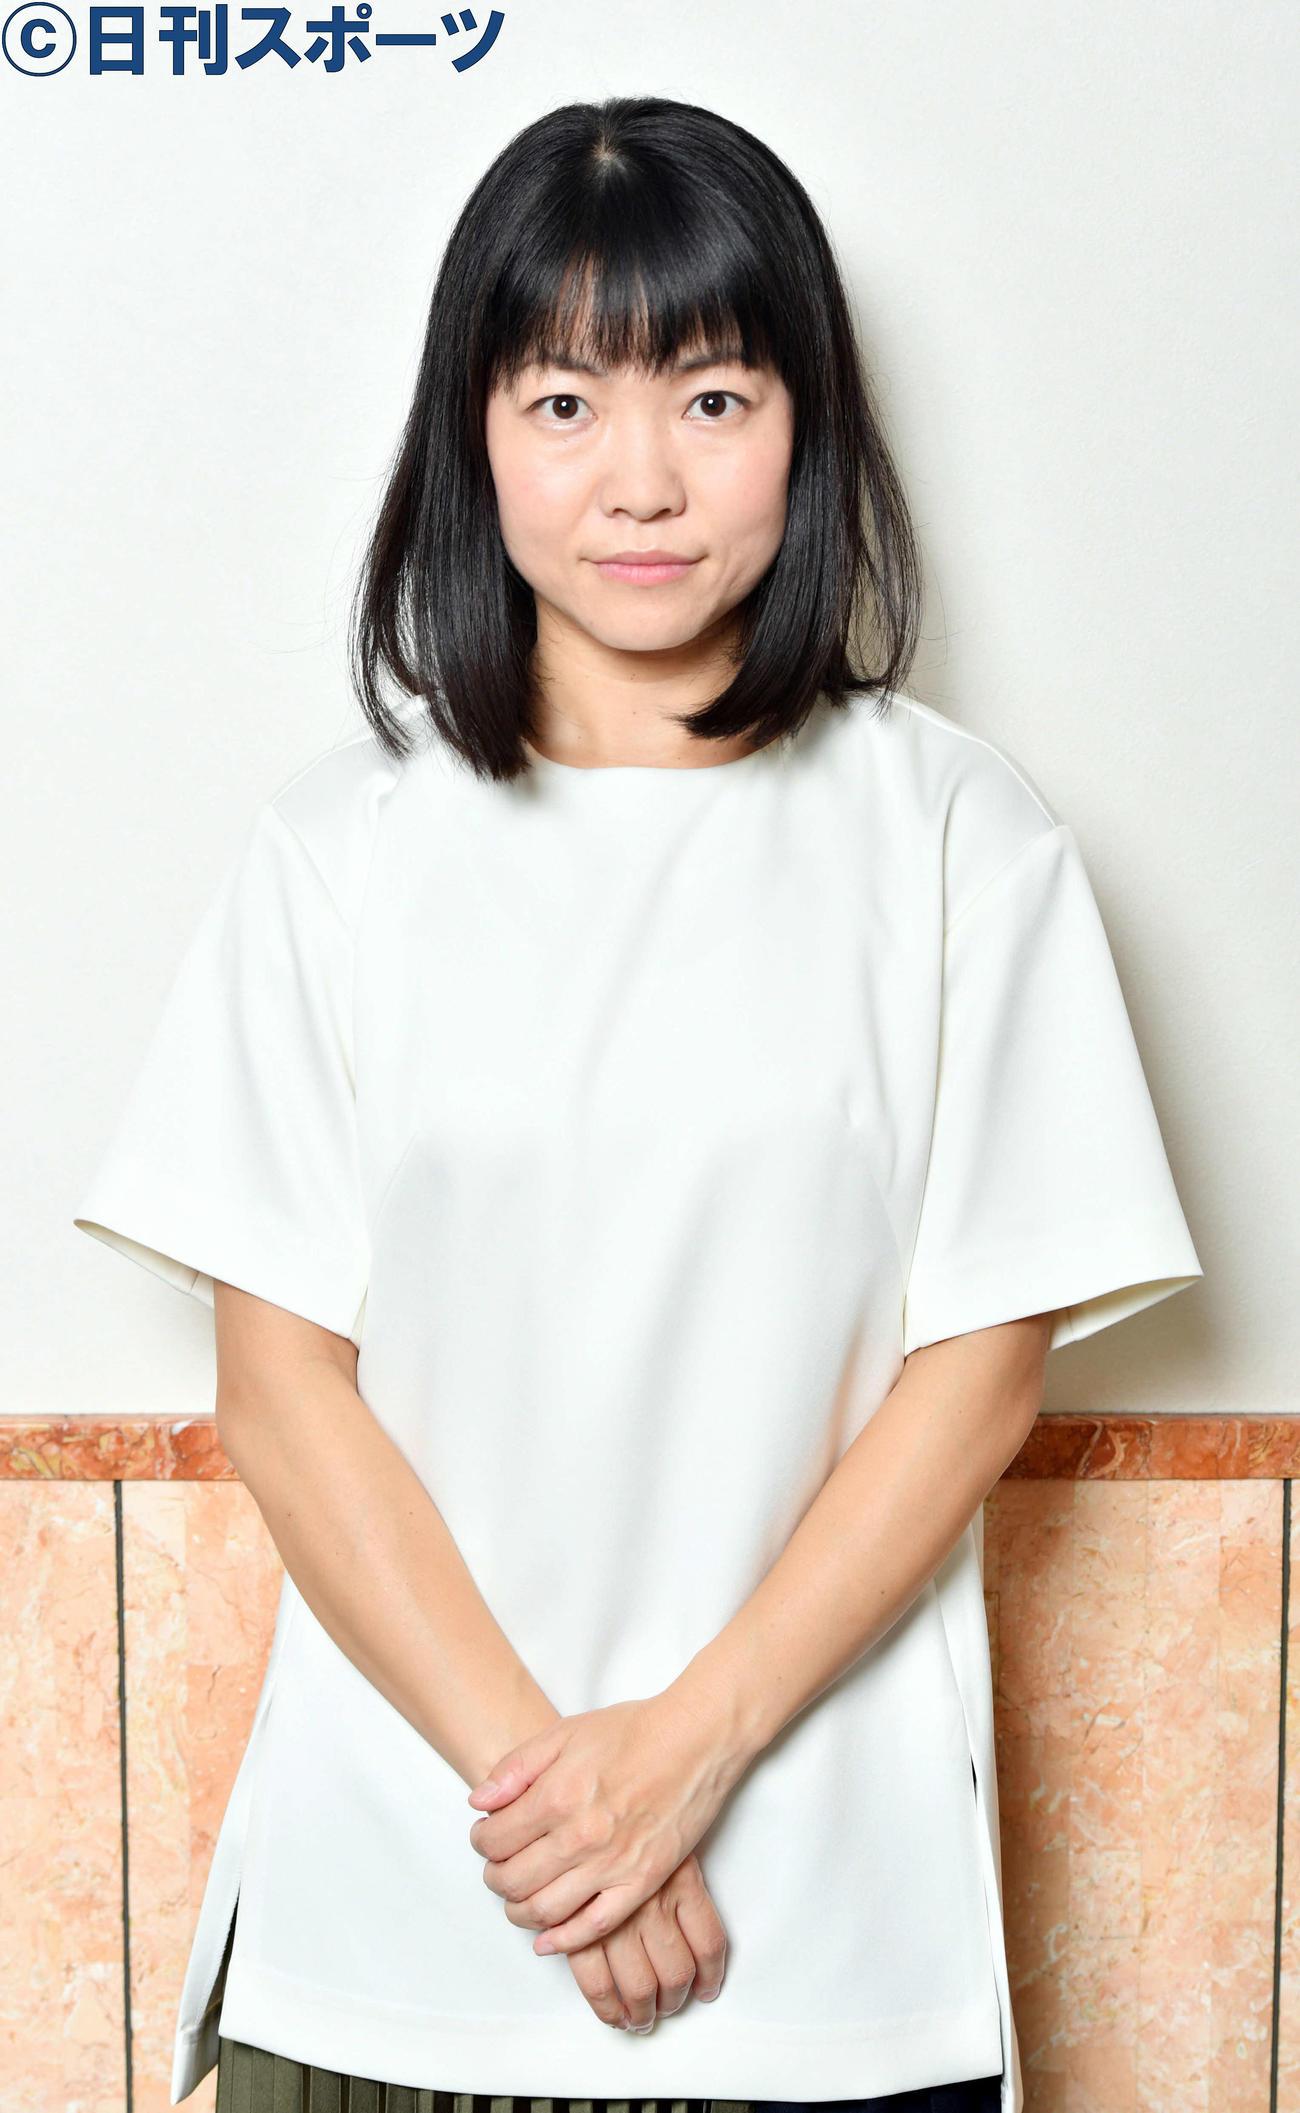 イモトアヤコ(18年9月26日撮影)